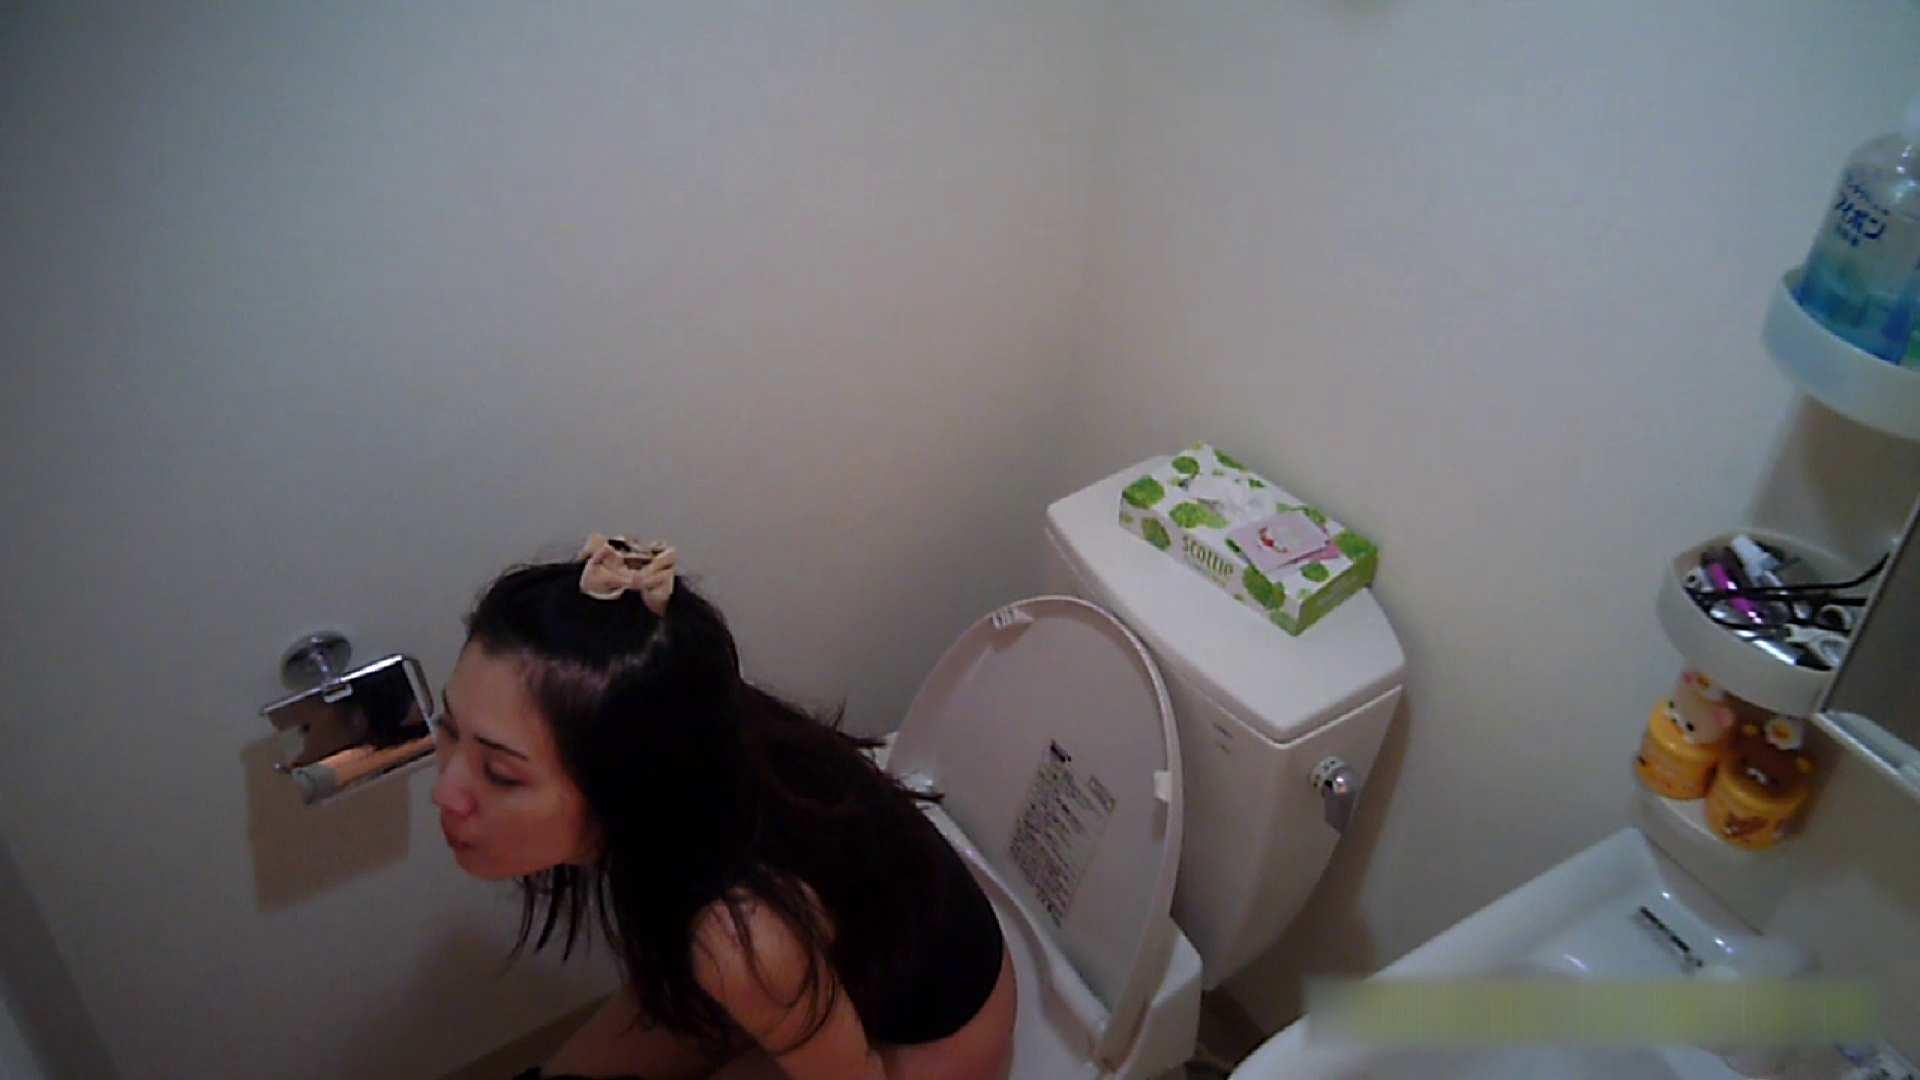 清楚な顔してかなり敏感なE子25歳(仮名)Vol.05 裸でトイレ編 トイレ中 | OL  68連発 38